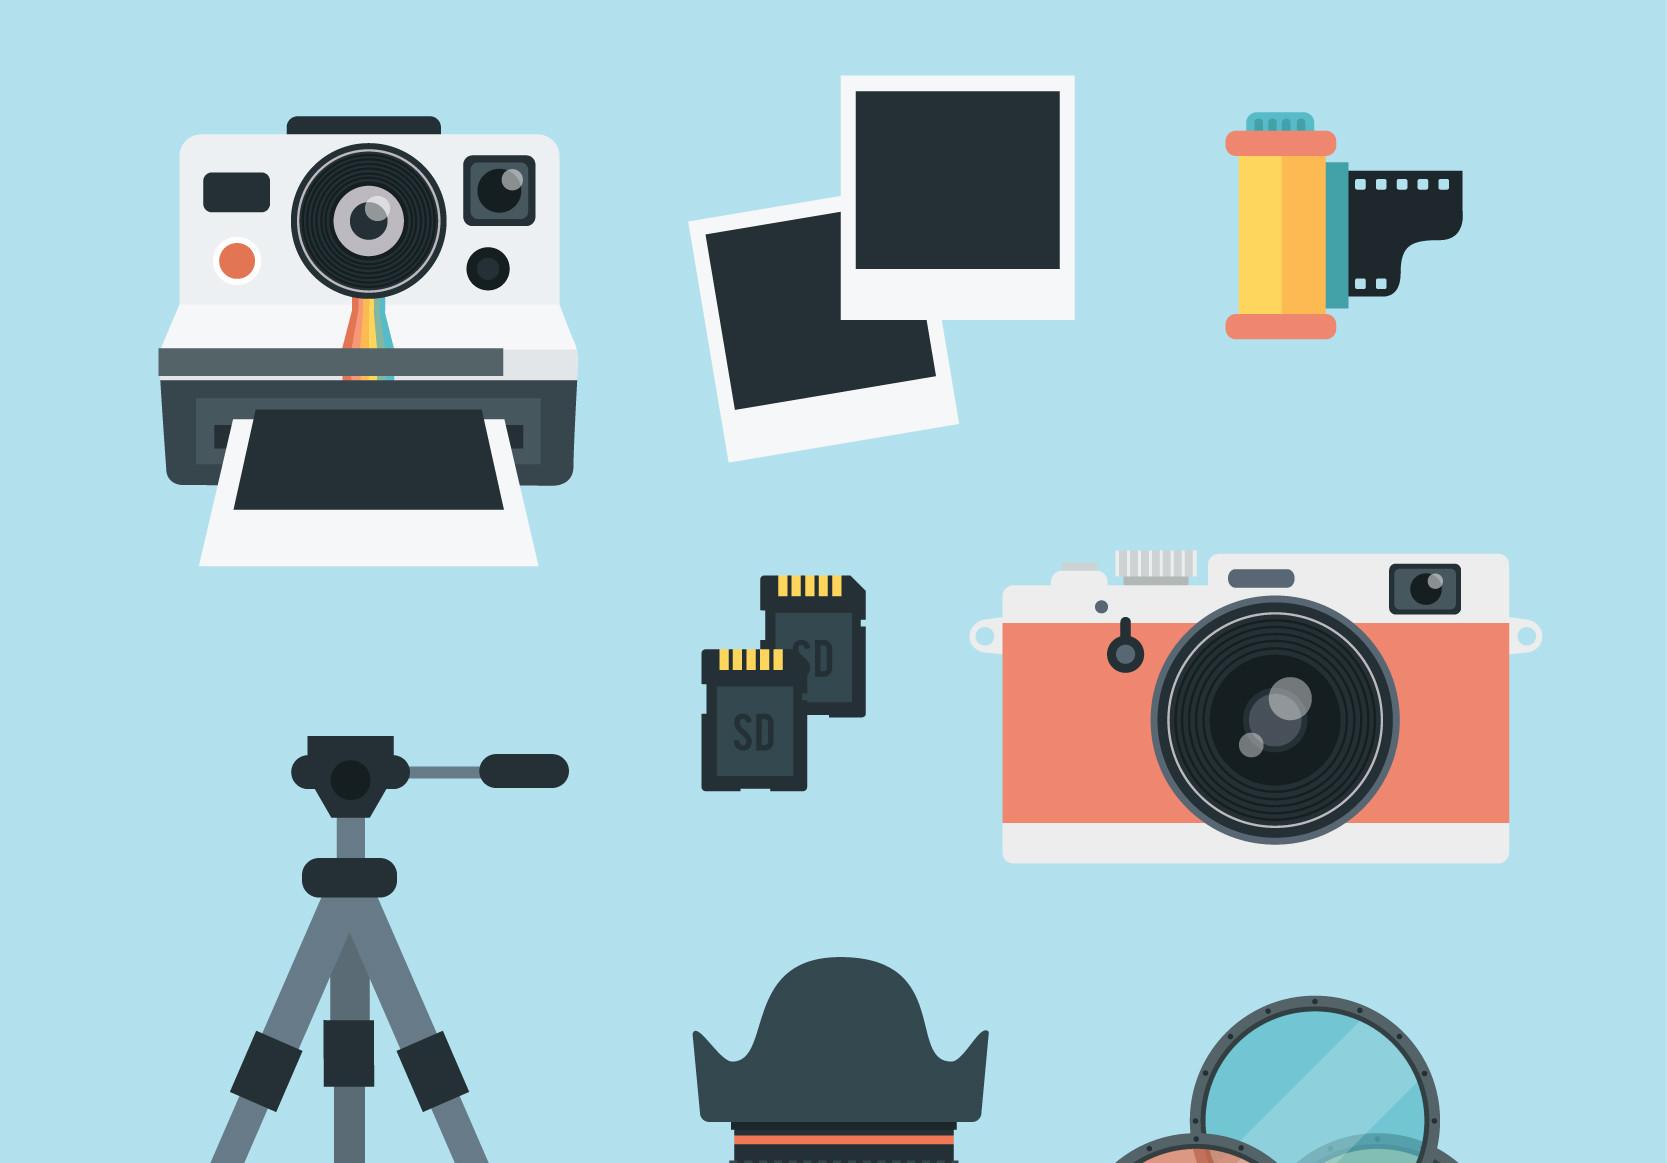 como usar imagens gratuitas em meu blog